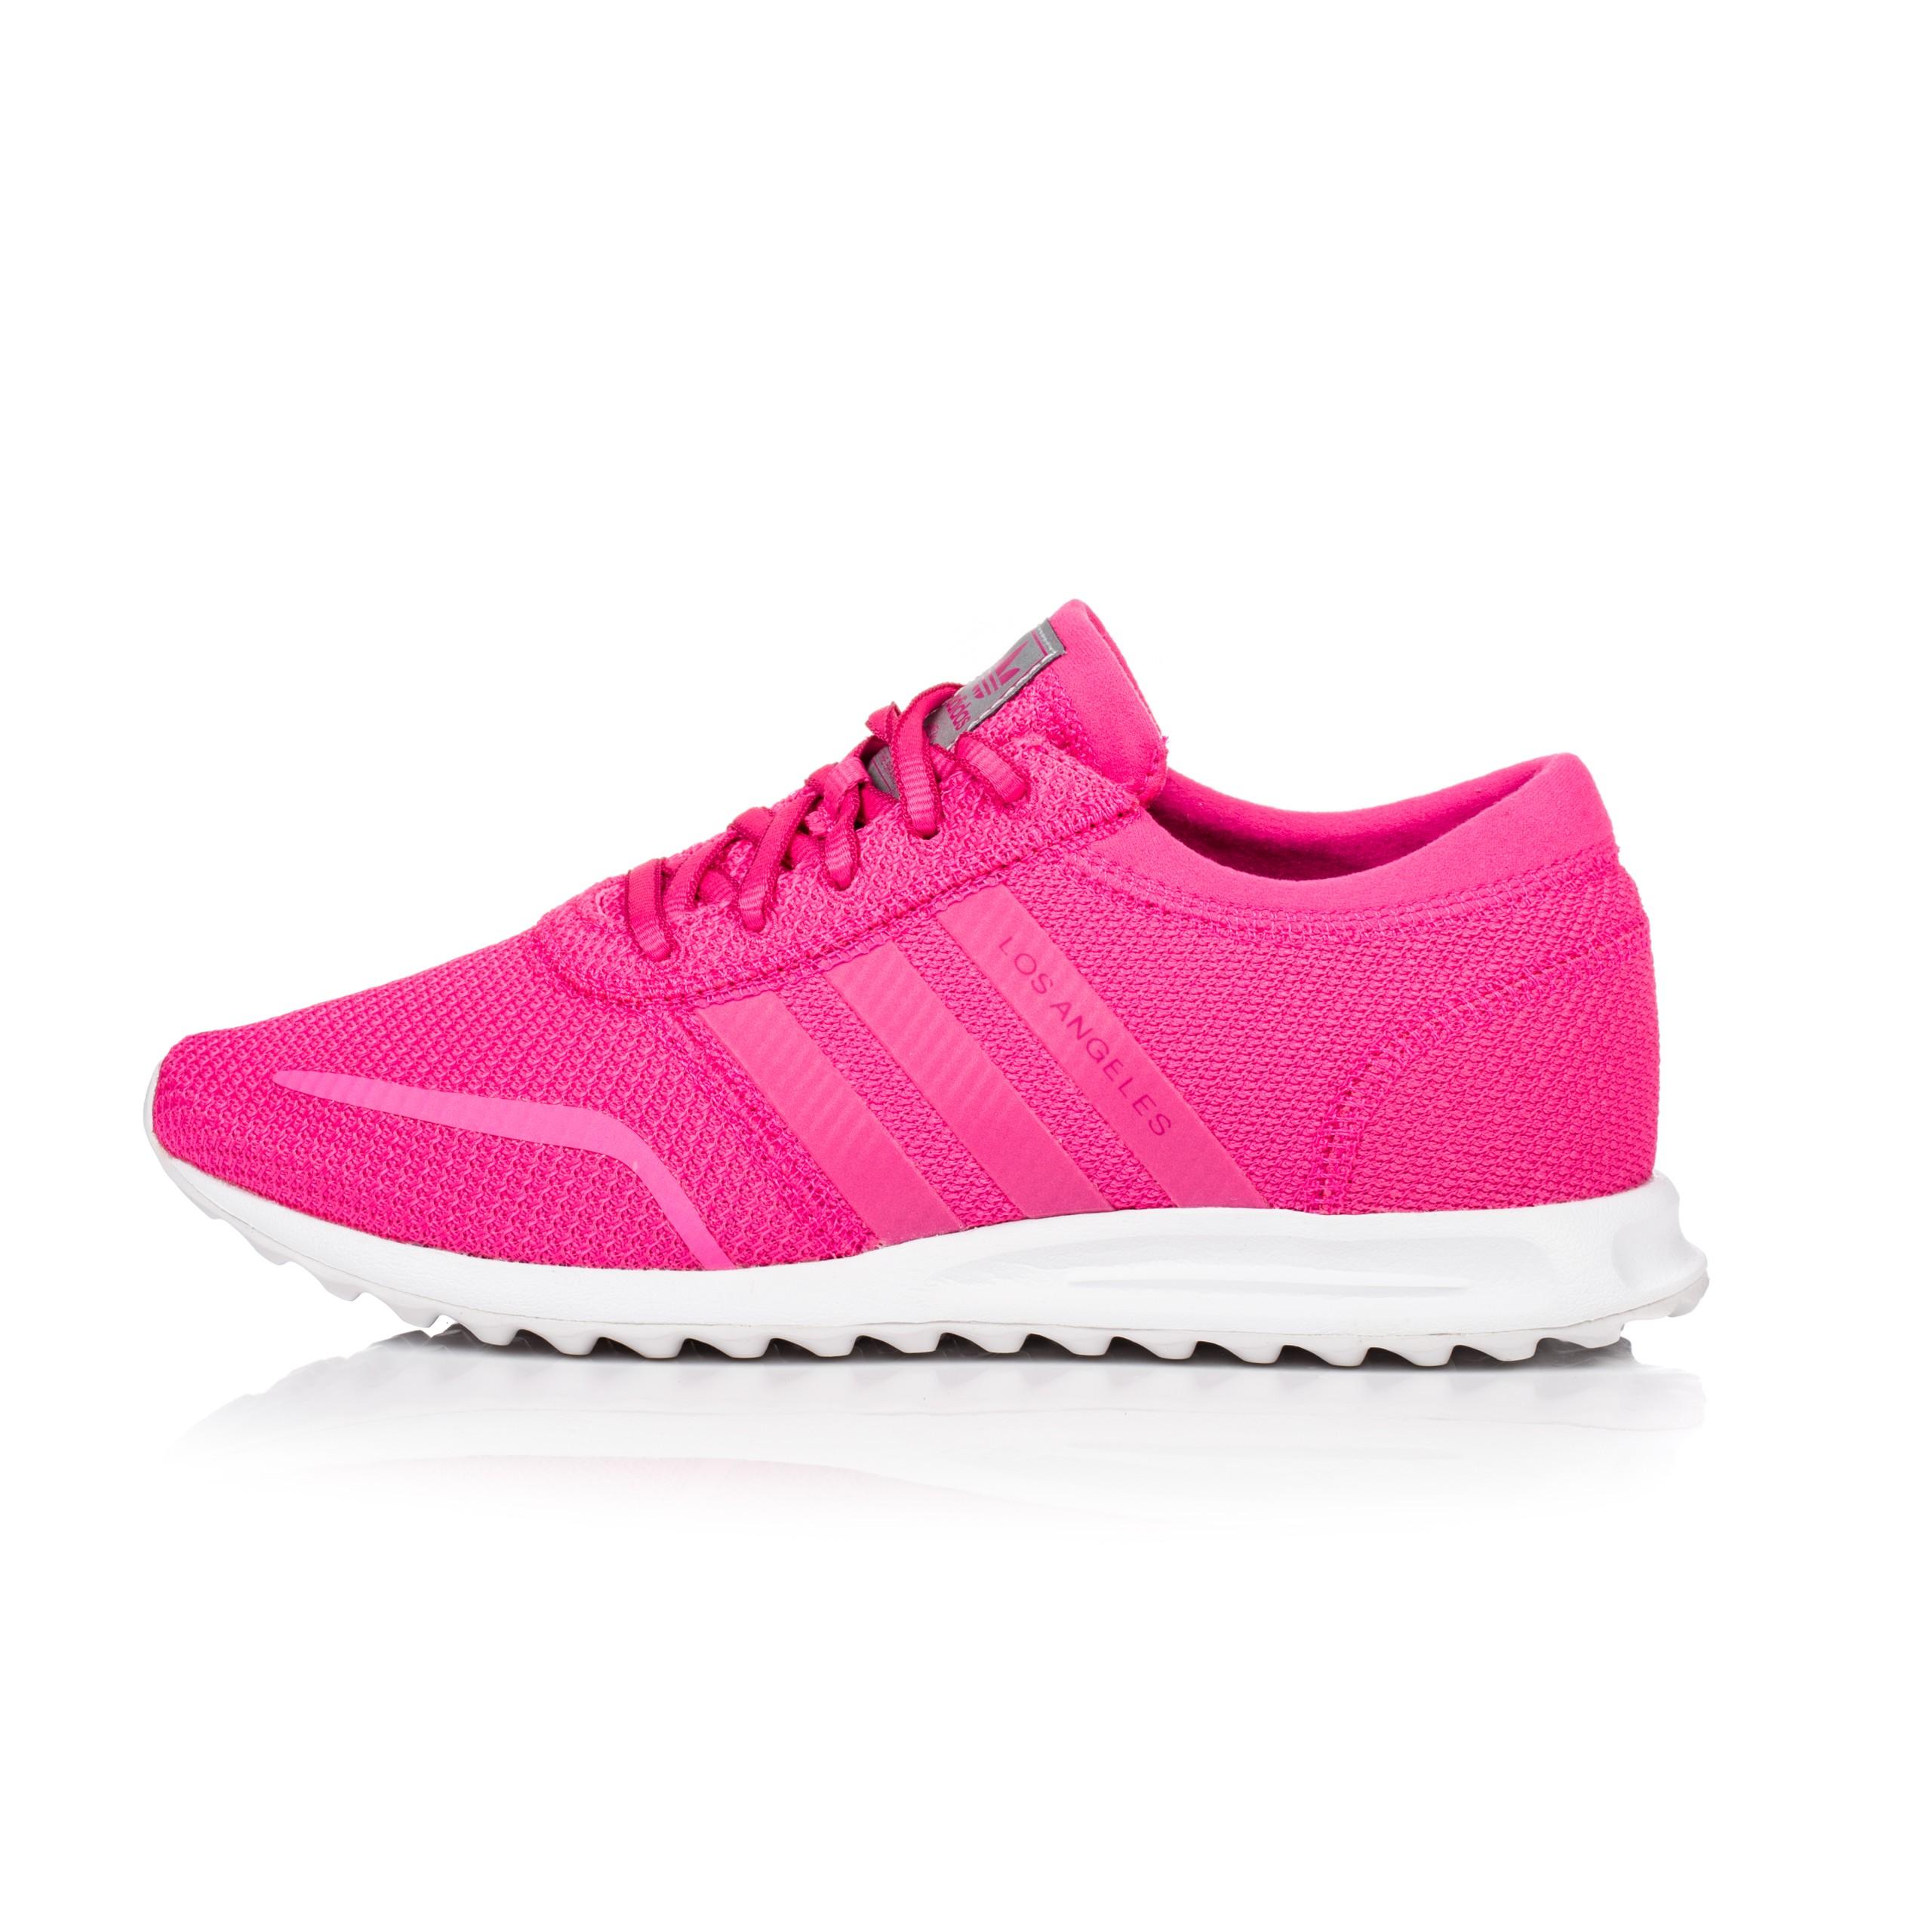 Adidas Extaball buty koszykówka kolorowe 39 13 Zdjęcie na